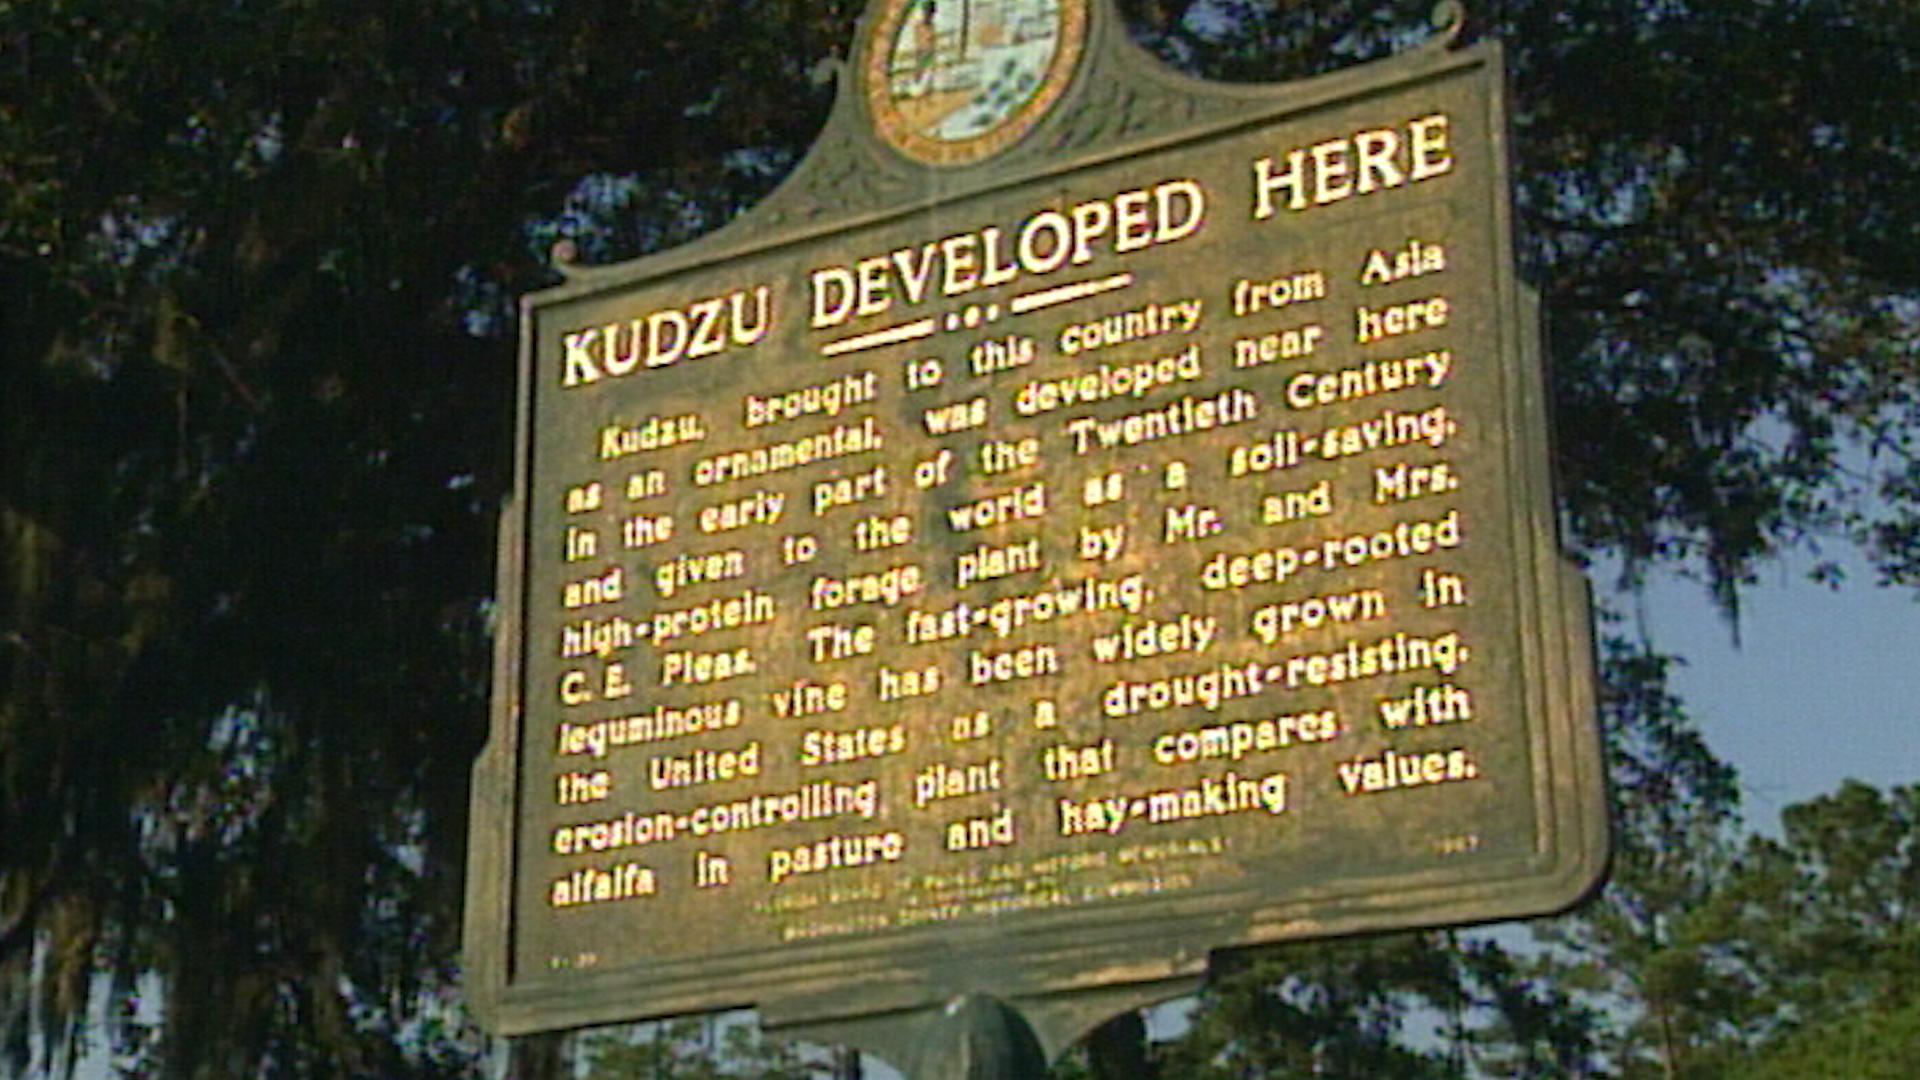 Kudzu Developed Here Sign